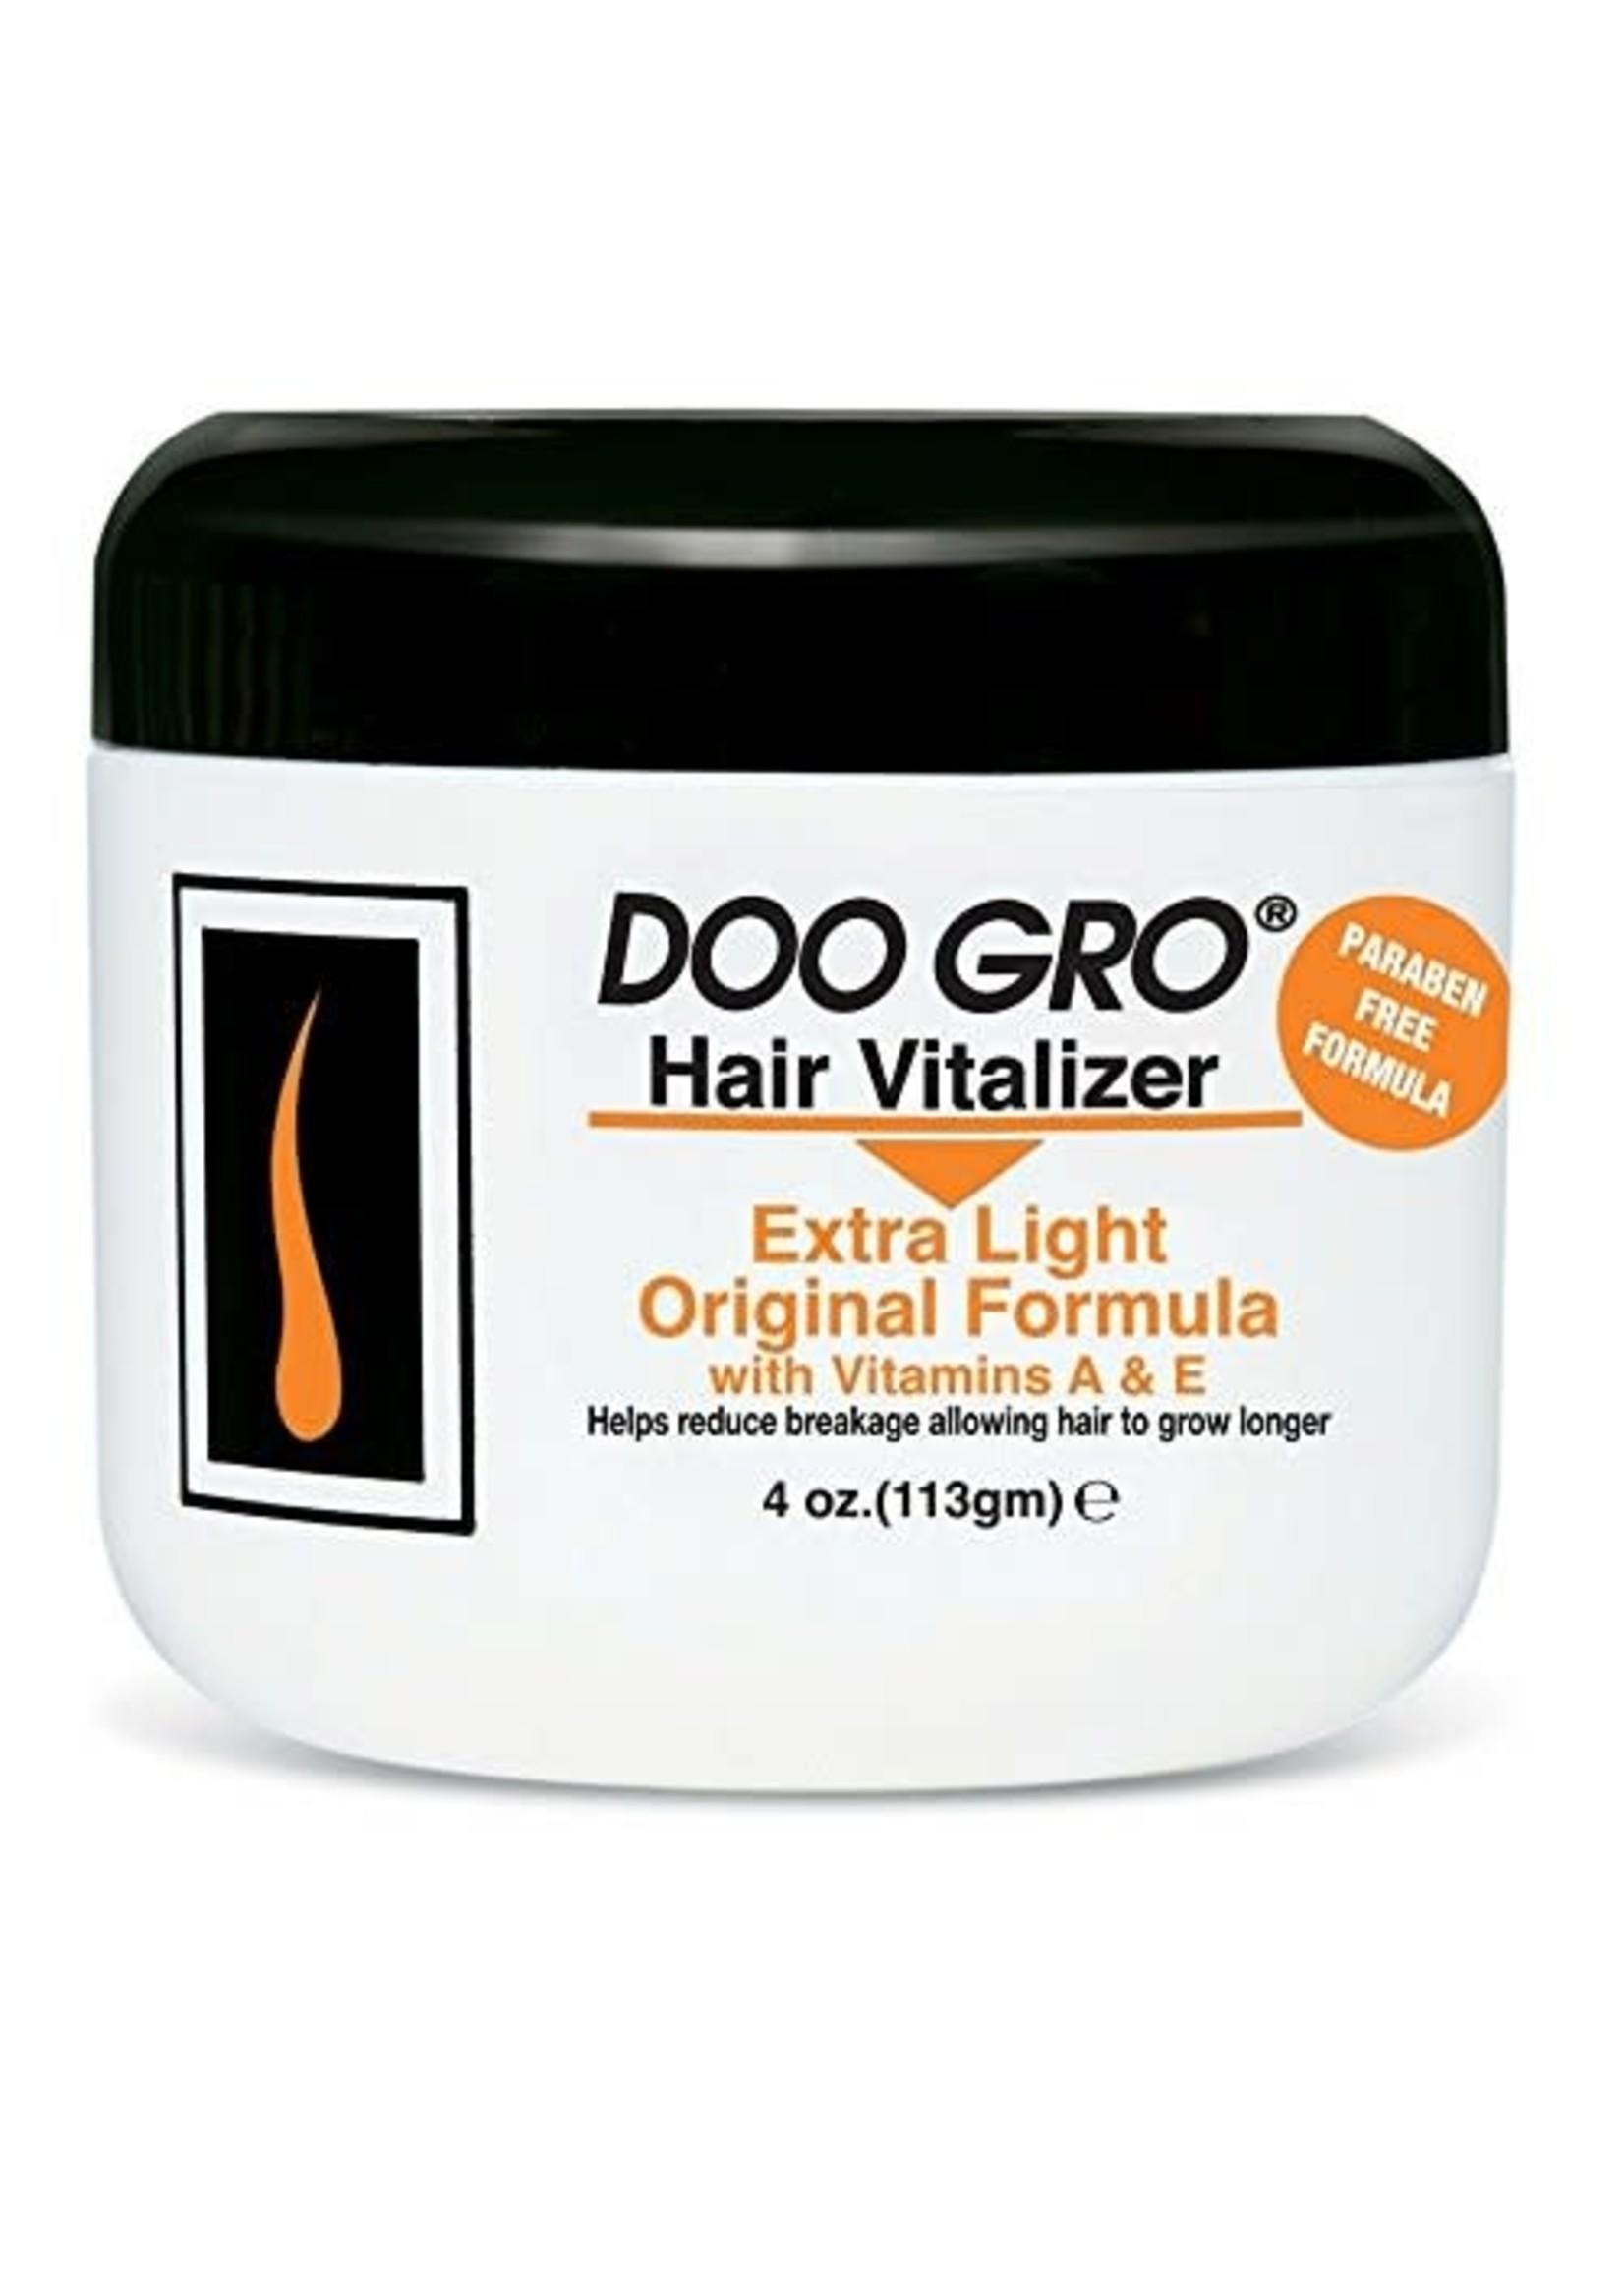 Doo Gro Medicated Vitalizer Extra Light Original 4oz Jar